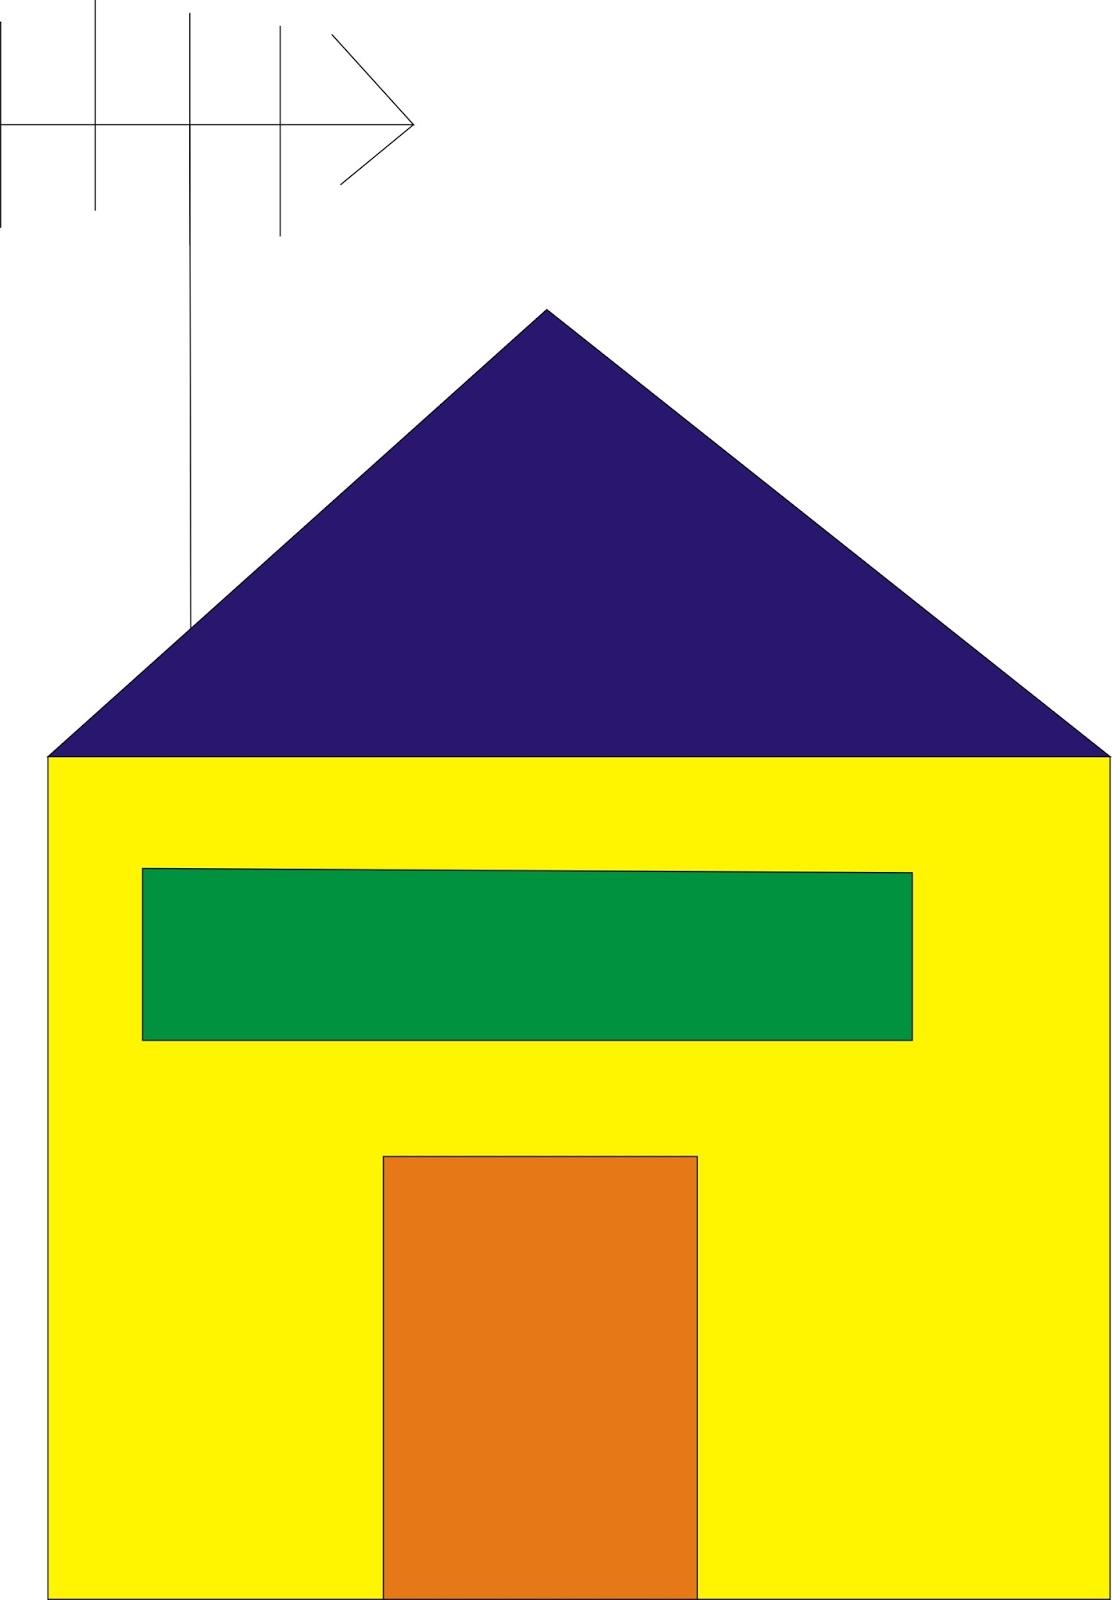 Rizqi Arie Harnoko Contoh Desain Model Rumah Via Corel